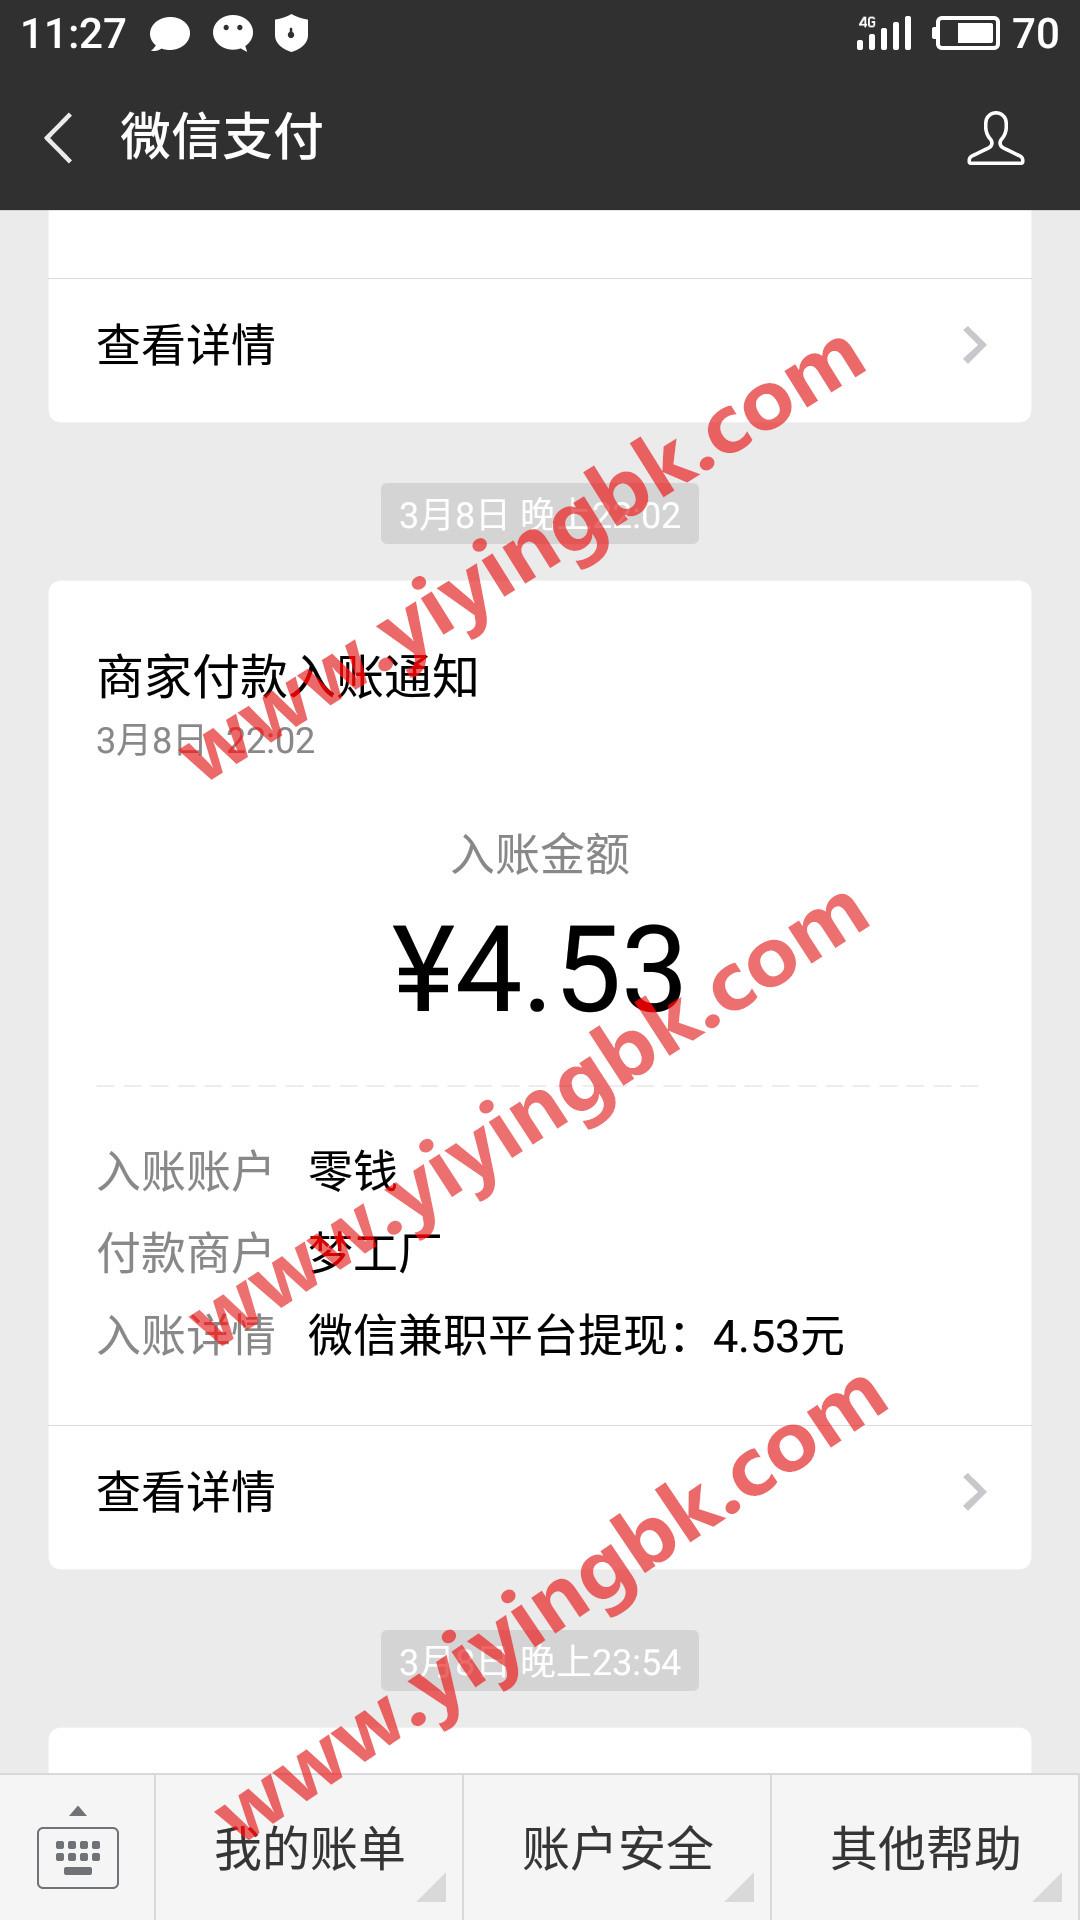 微信免费兼职赚钱平台,微信提现4.53元到账